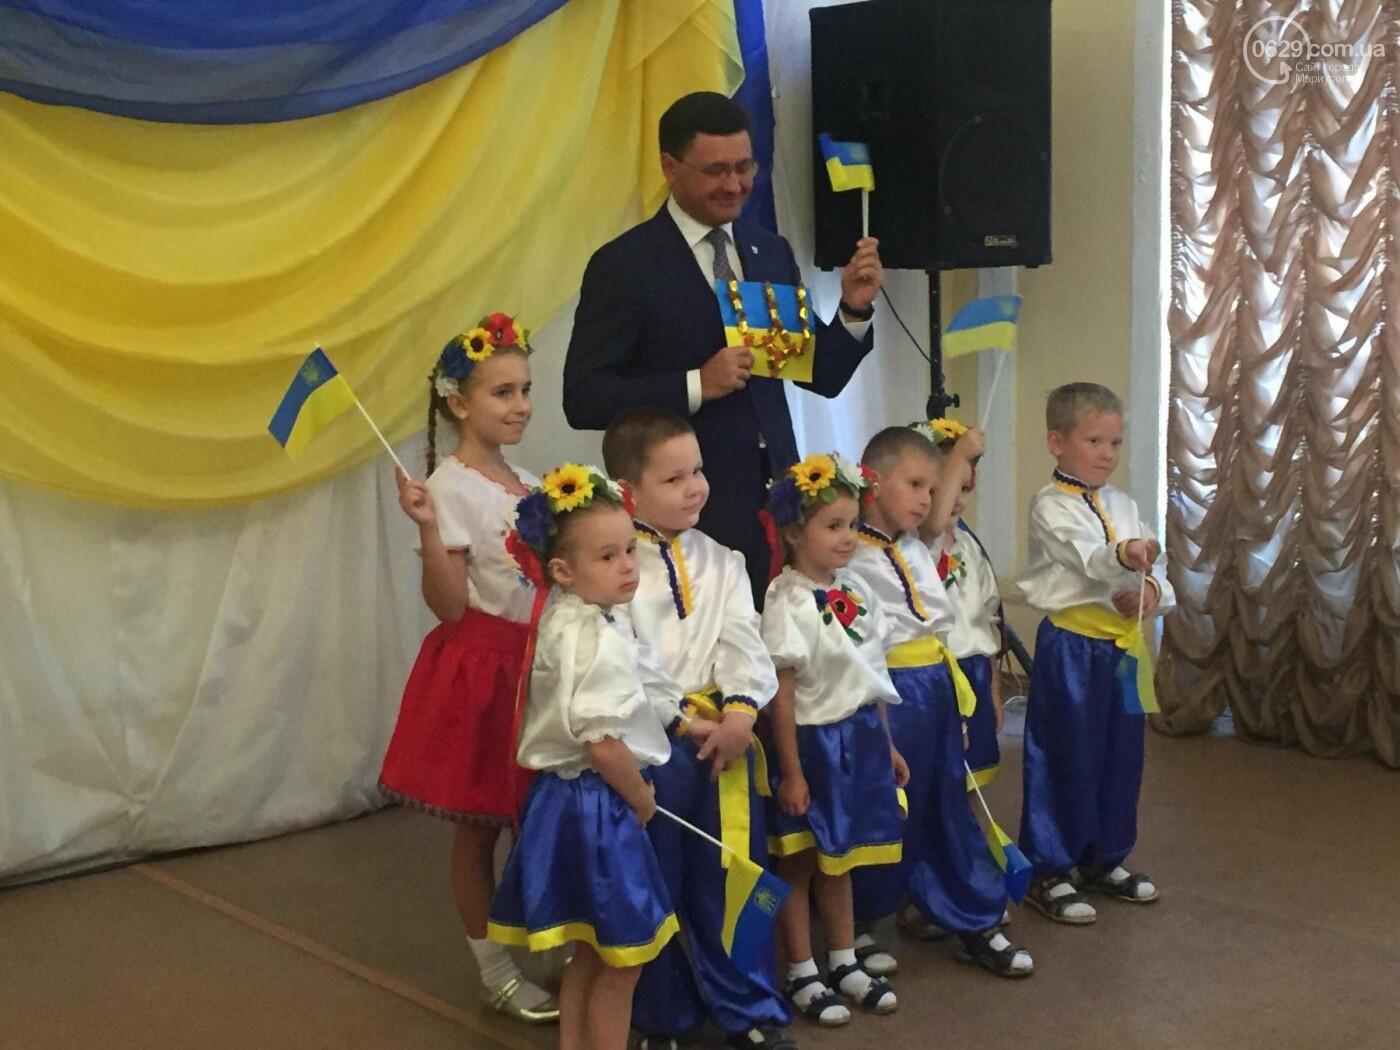 """В Мариуполе 8 женщин удостоились звания """"Мать-героиня"""", - ФОТО, ВИДЕО, фото-1"""